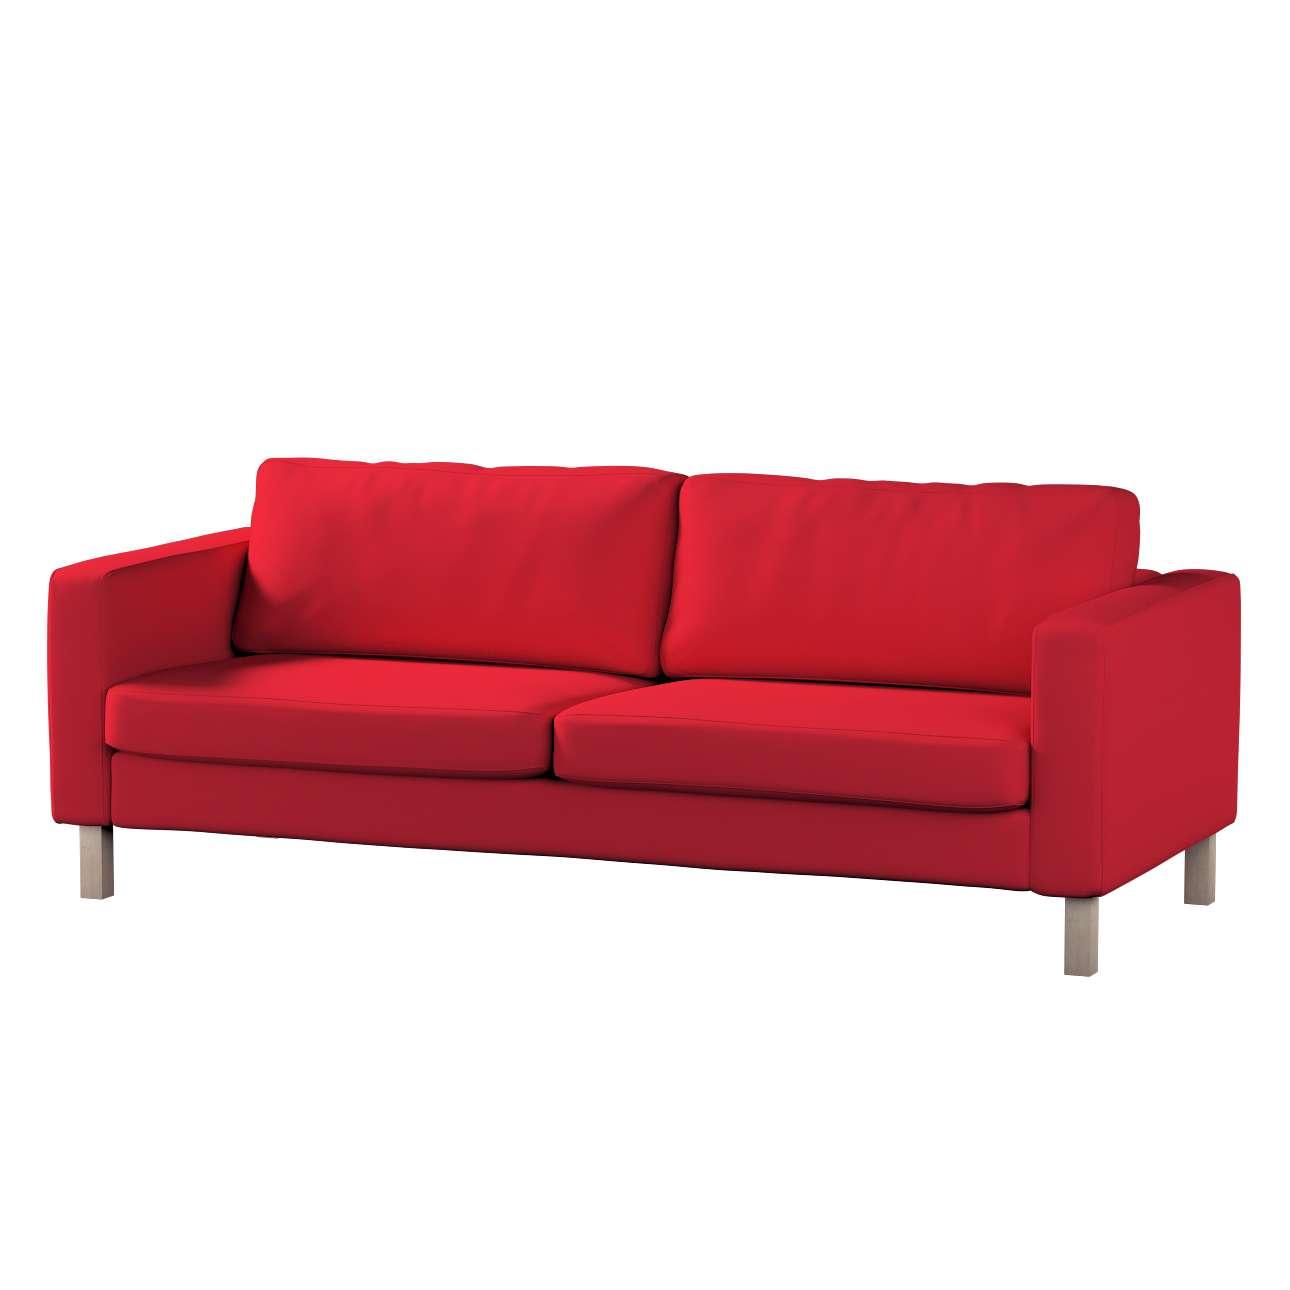 Karlstad 2-Sitzer Schlafsofabezug Karlstad 2-Sitzer ausklappbar von der Kollektion Cotton Panama, Stoff: 702-04